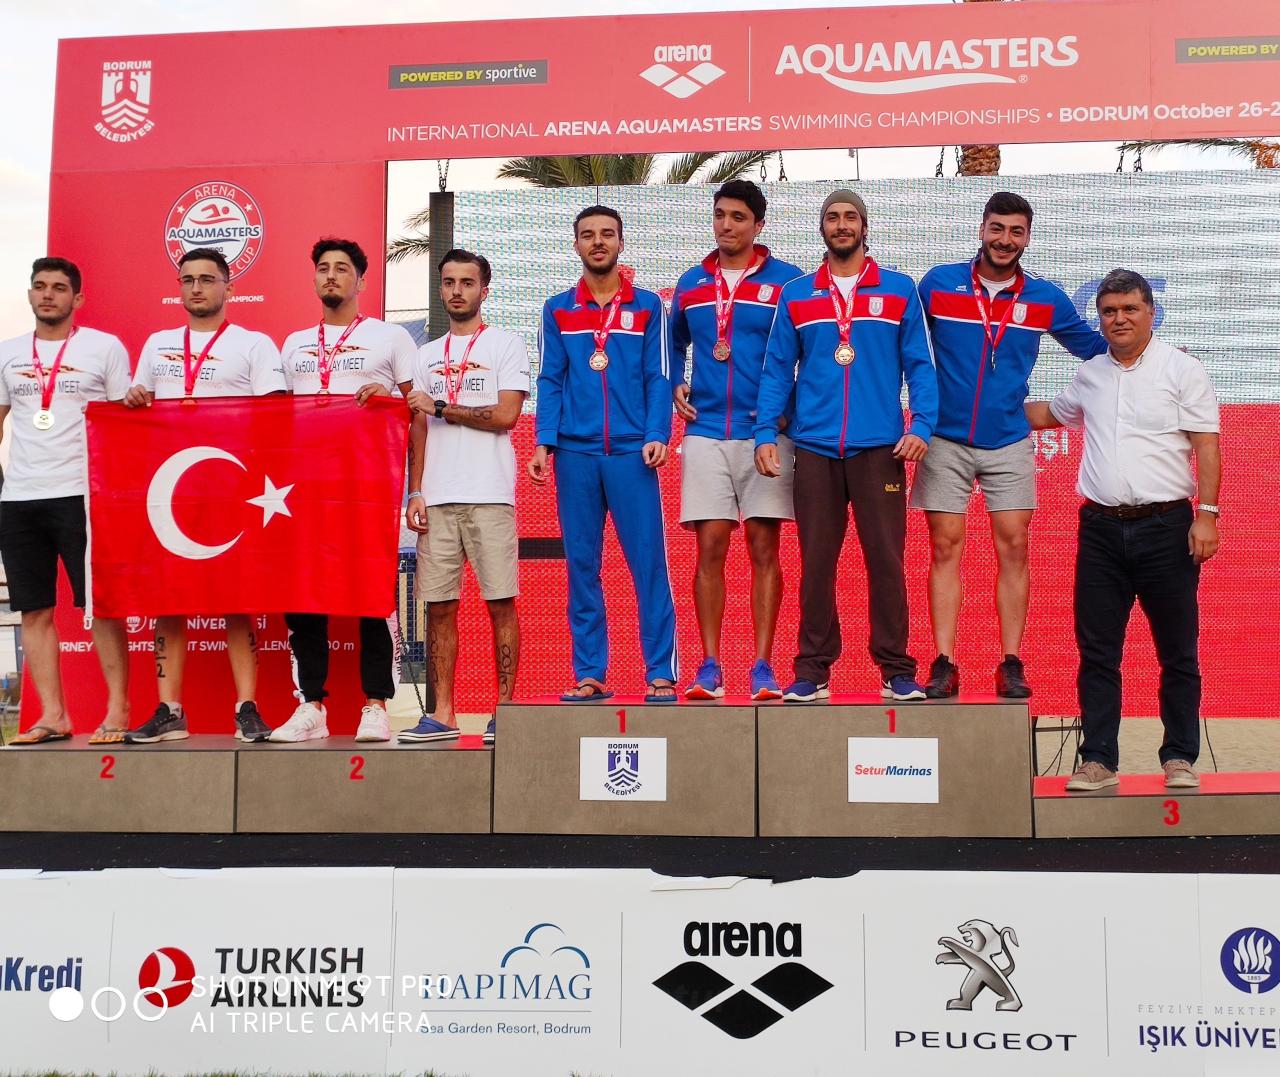 Uluslararası Arena Aquamasters Yüzme Şampiyonası'nda Birinci Oldu